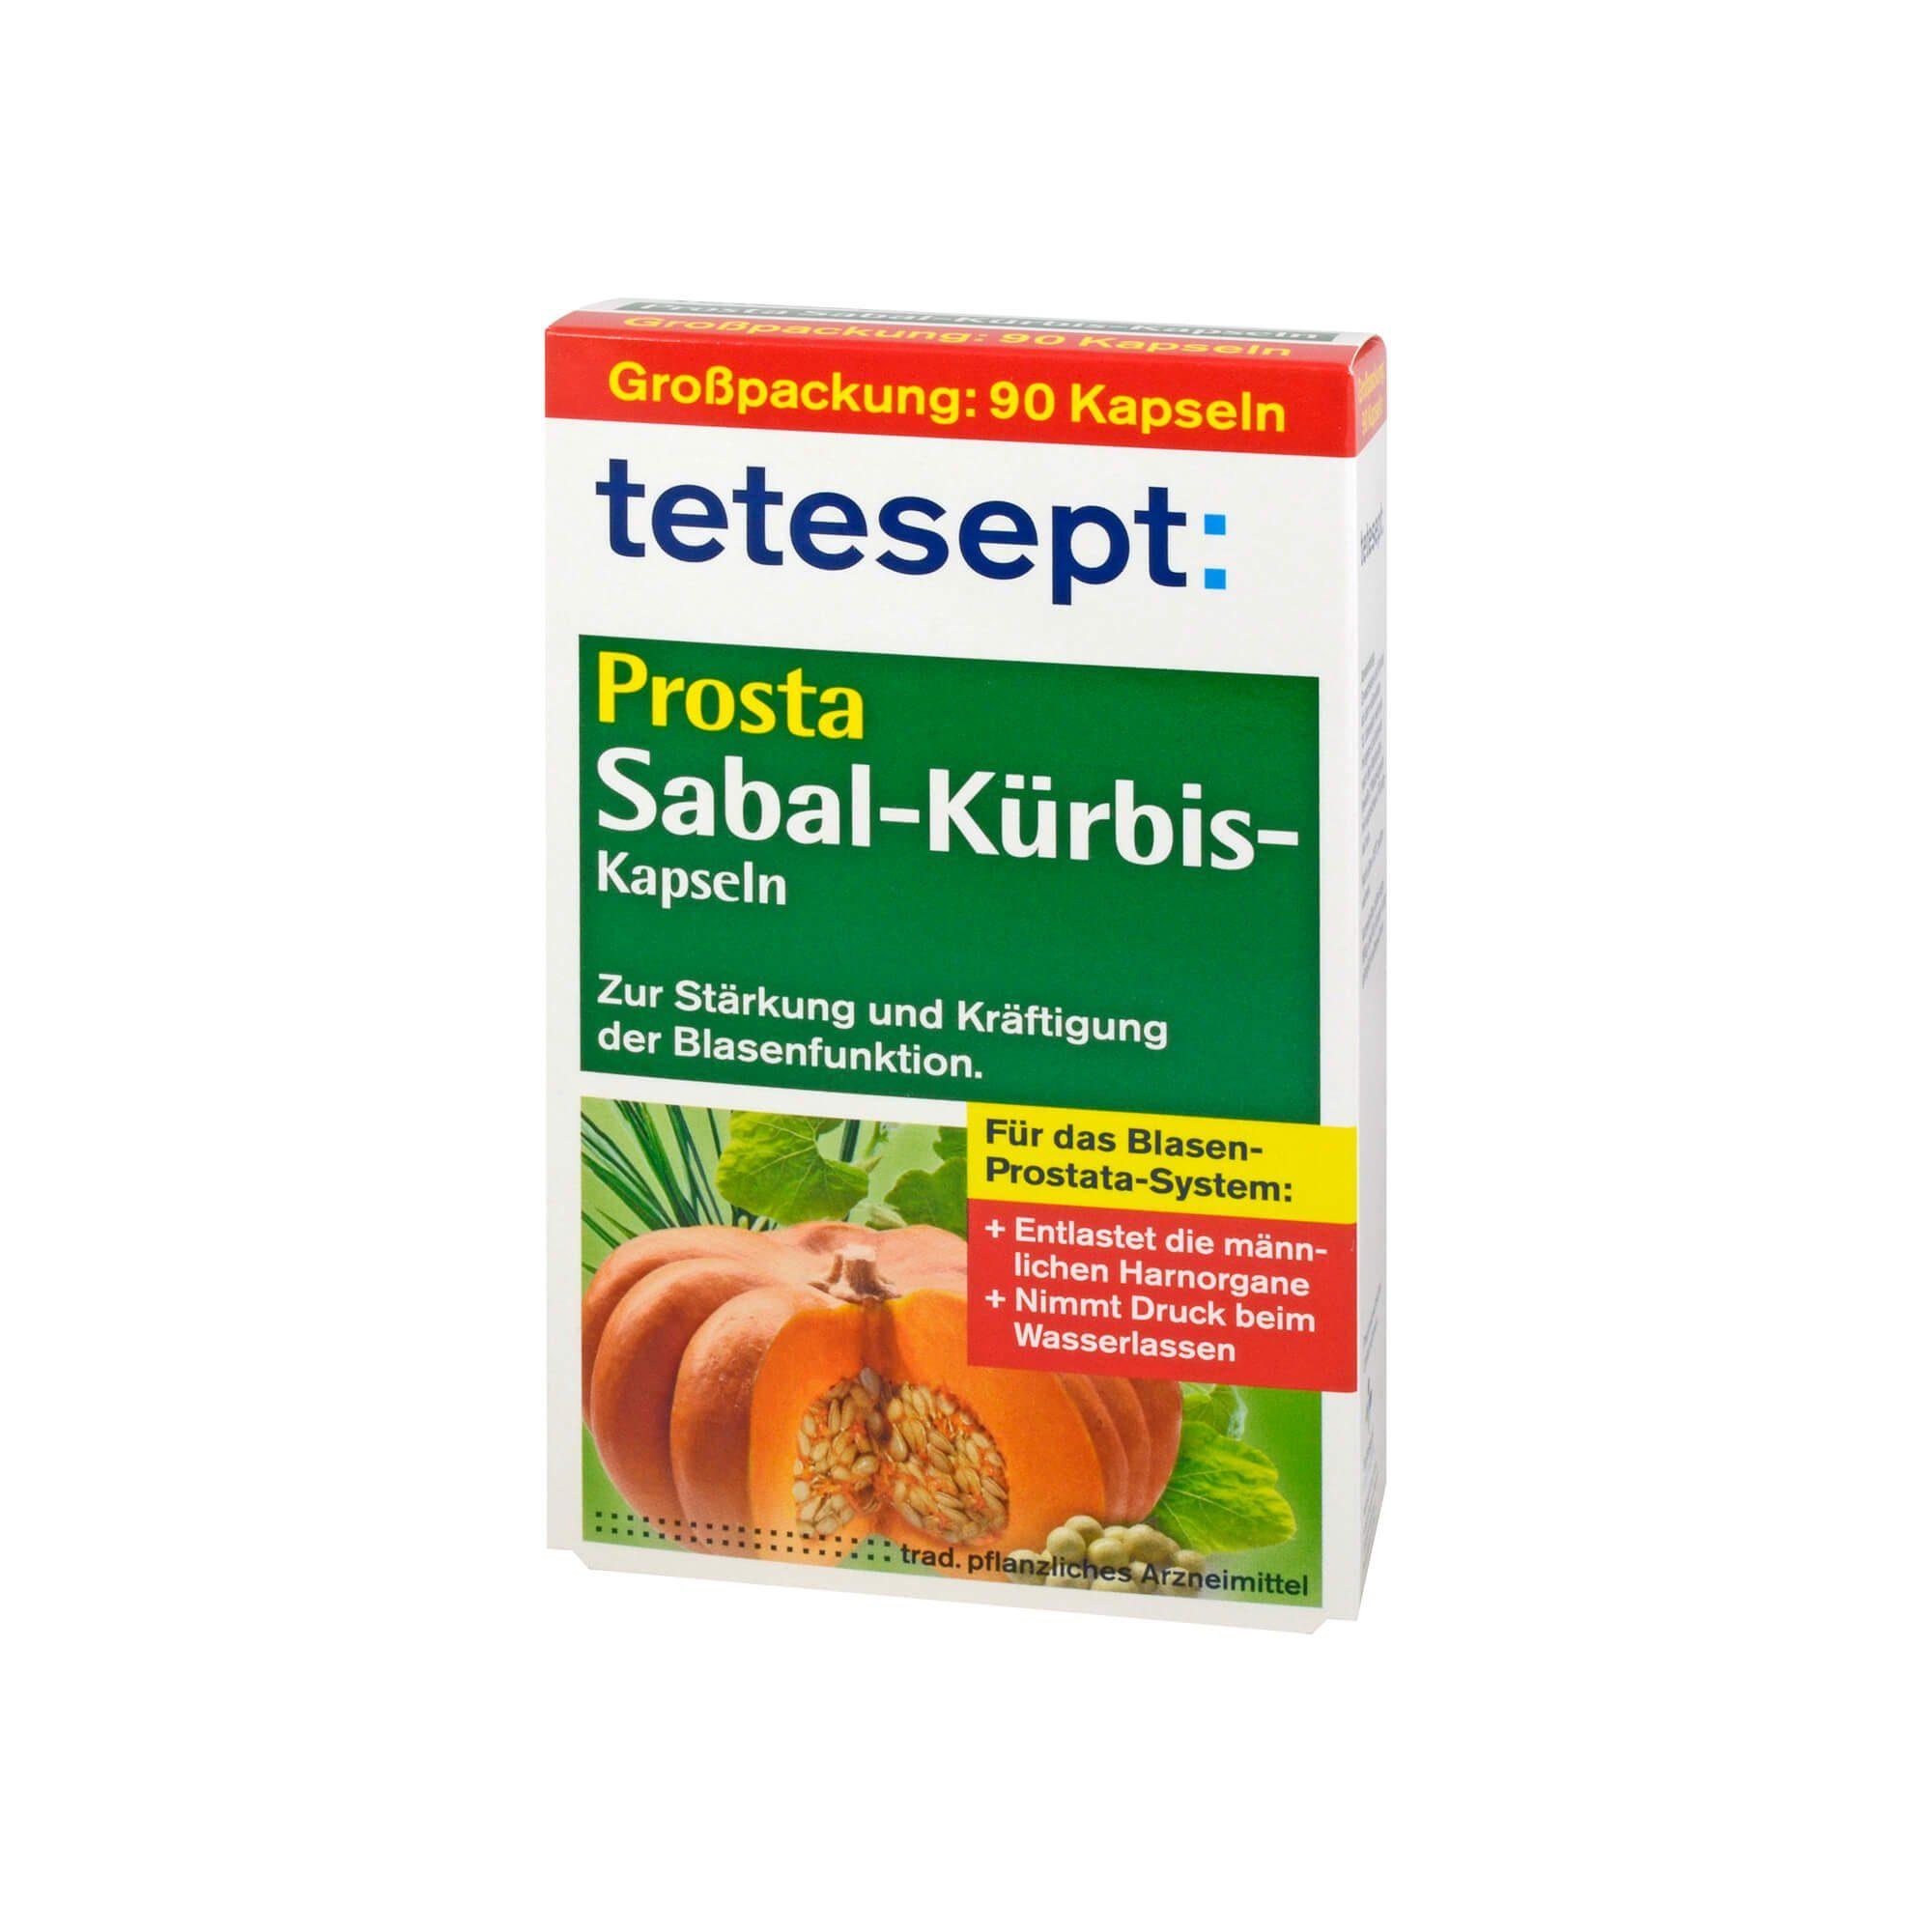 Tetesept Prosta Sabal-Kürbis-Kapseln , 90 St